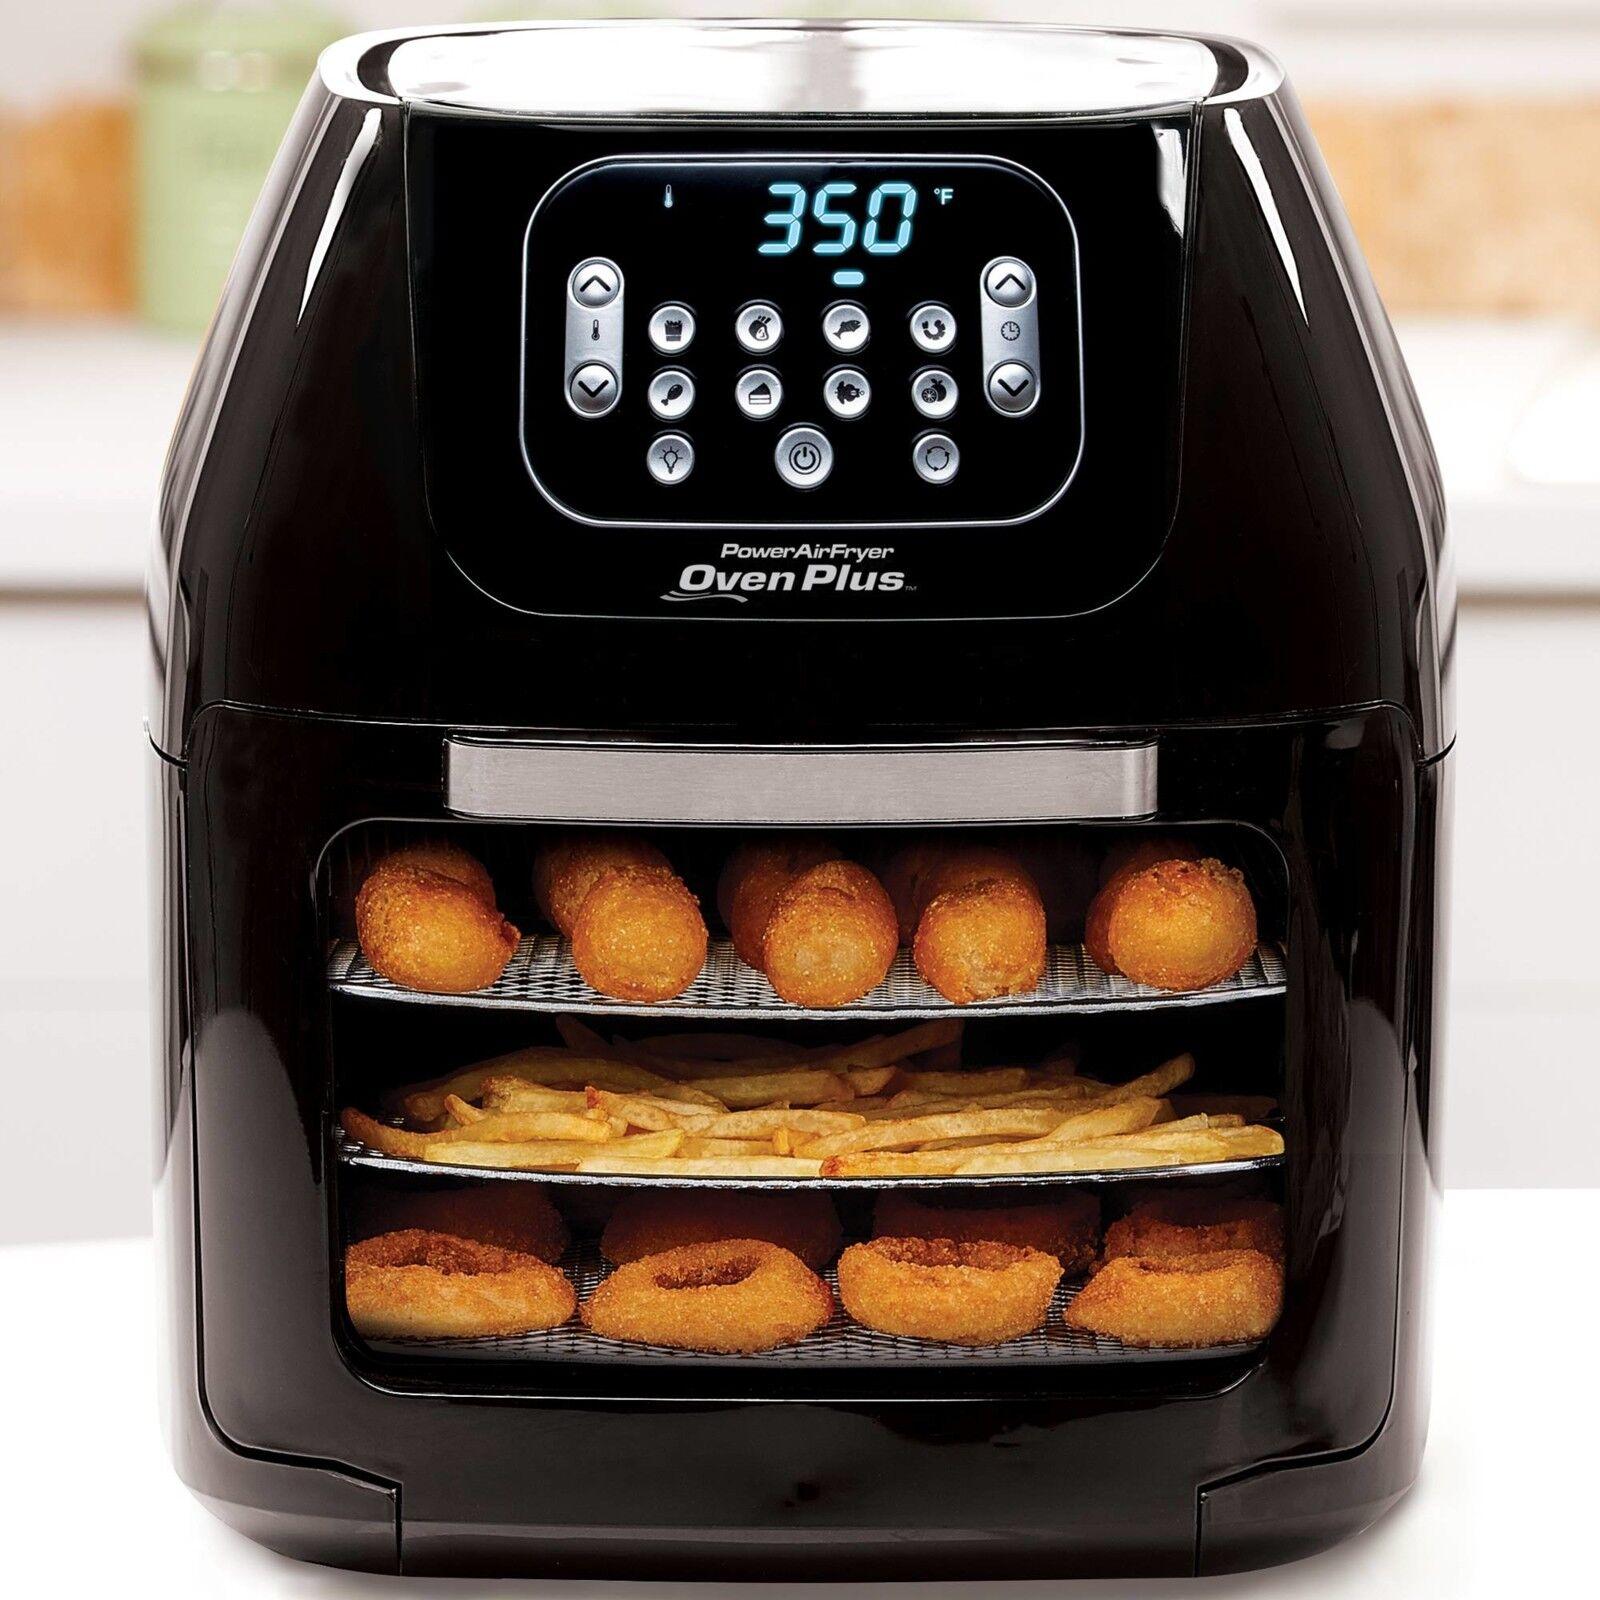 Power Air Fryer Four plus 6 Qt famille de taille 7 en 1 professionnel cuisine faible en matières grasses